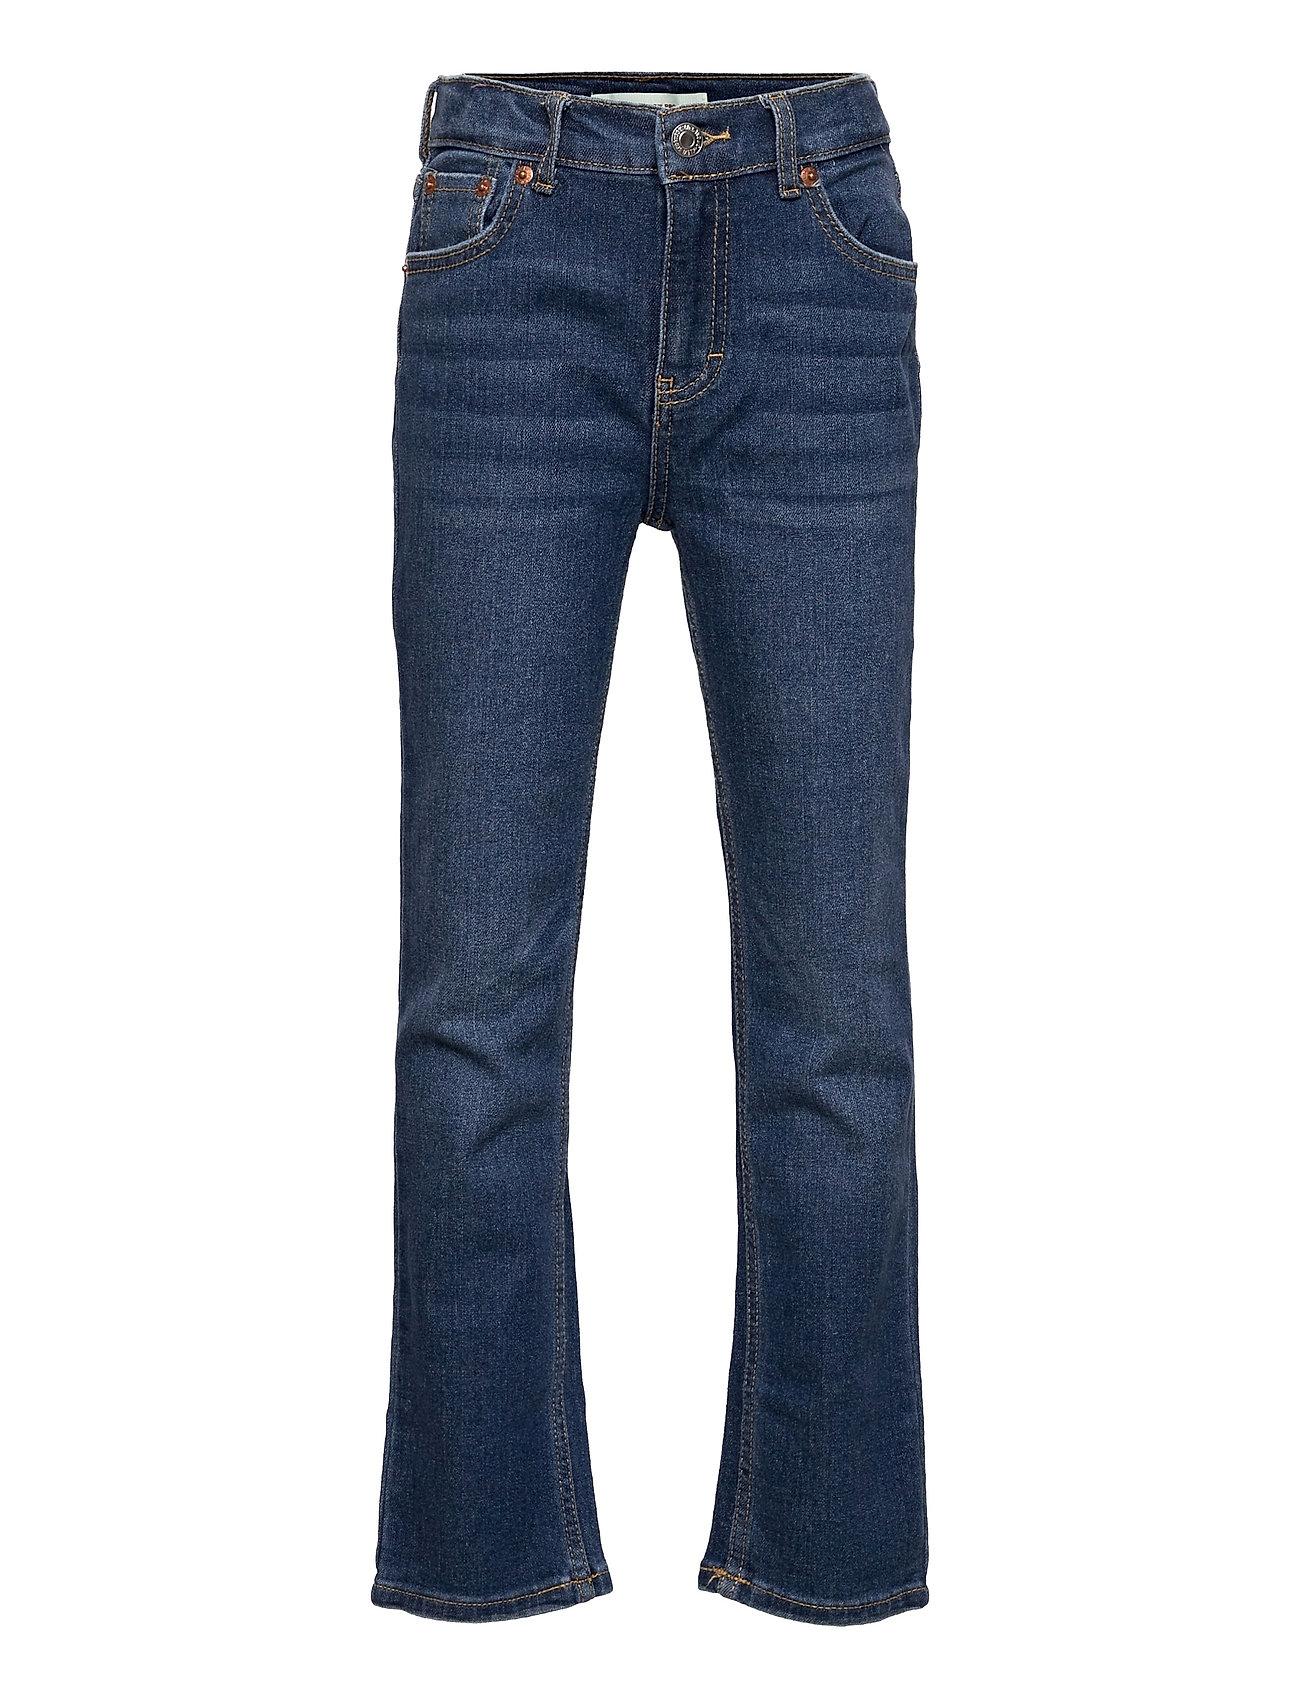 Lvg Youth Loose Jeans Blå Levi's